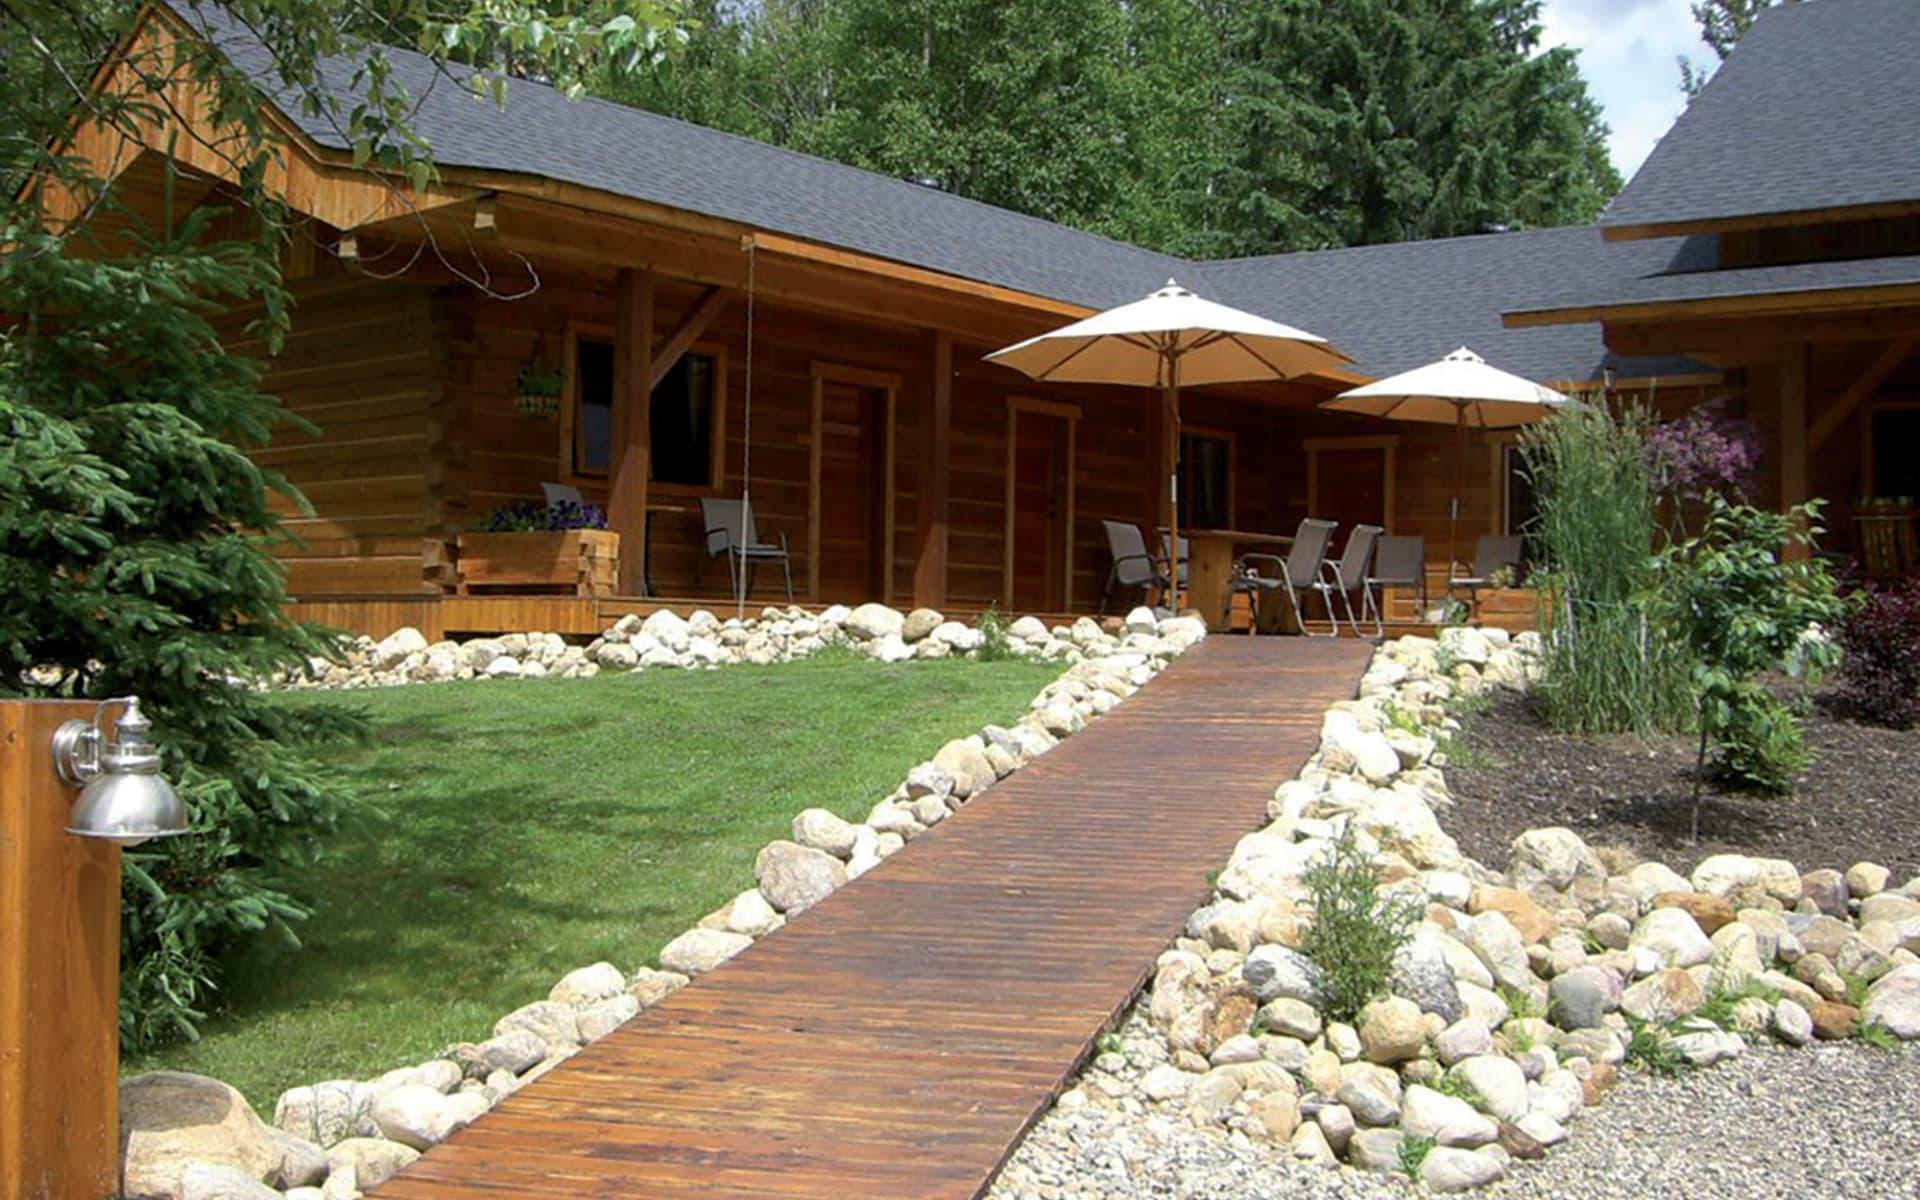 Moul Creek Lodge in Clearwater:  2014_163_02_Moul Creek Lodge